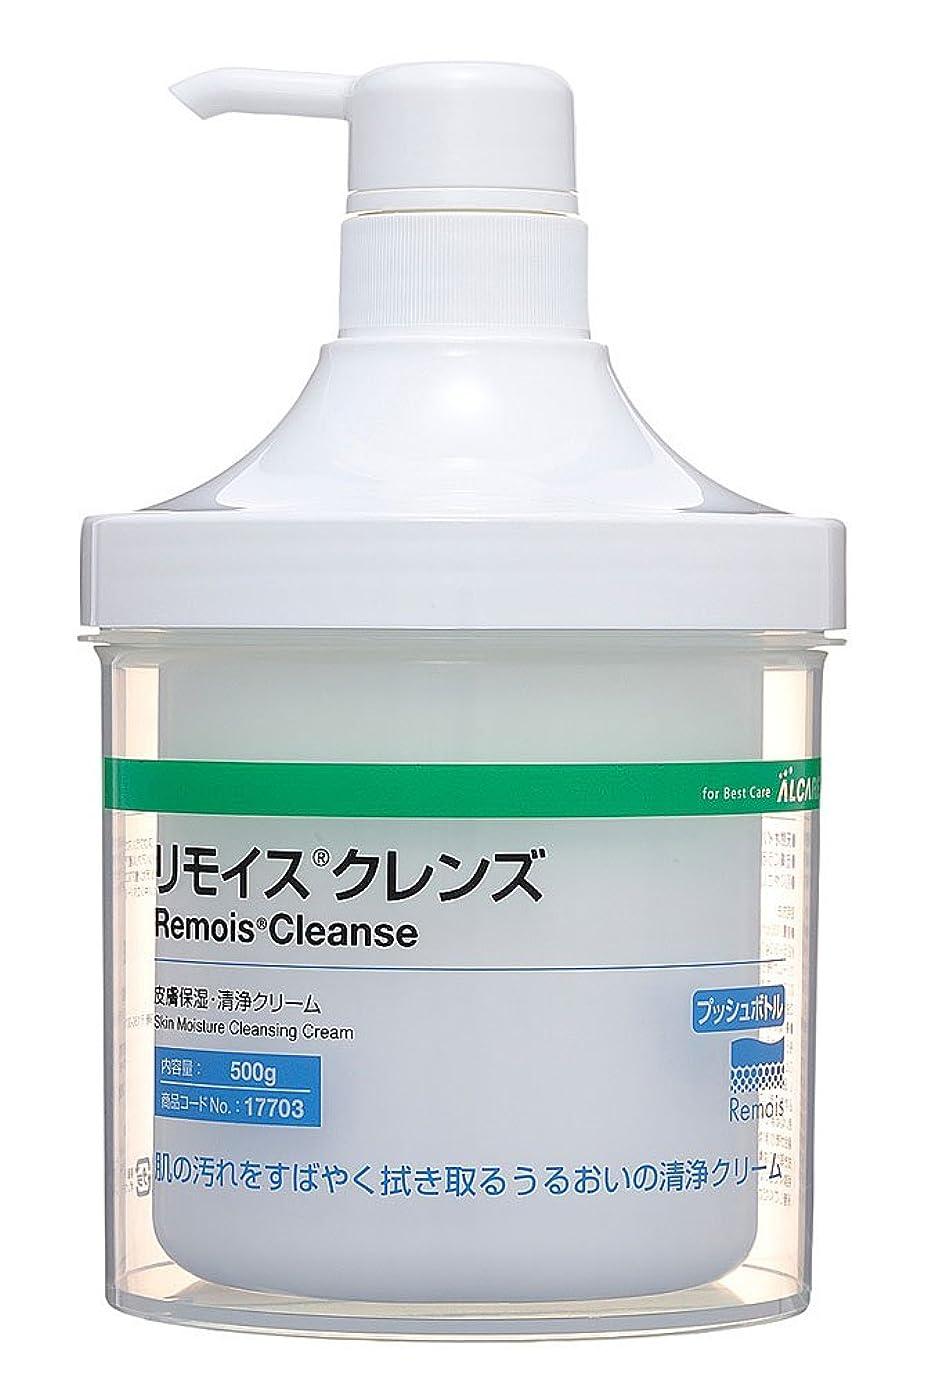 半径隣接問い合わせるアルケア リモイスクレンズ 皮膚保湿?清浄クリーム 17703 プッシュボトル 500g